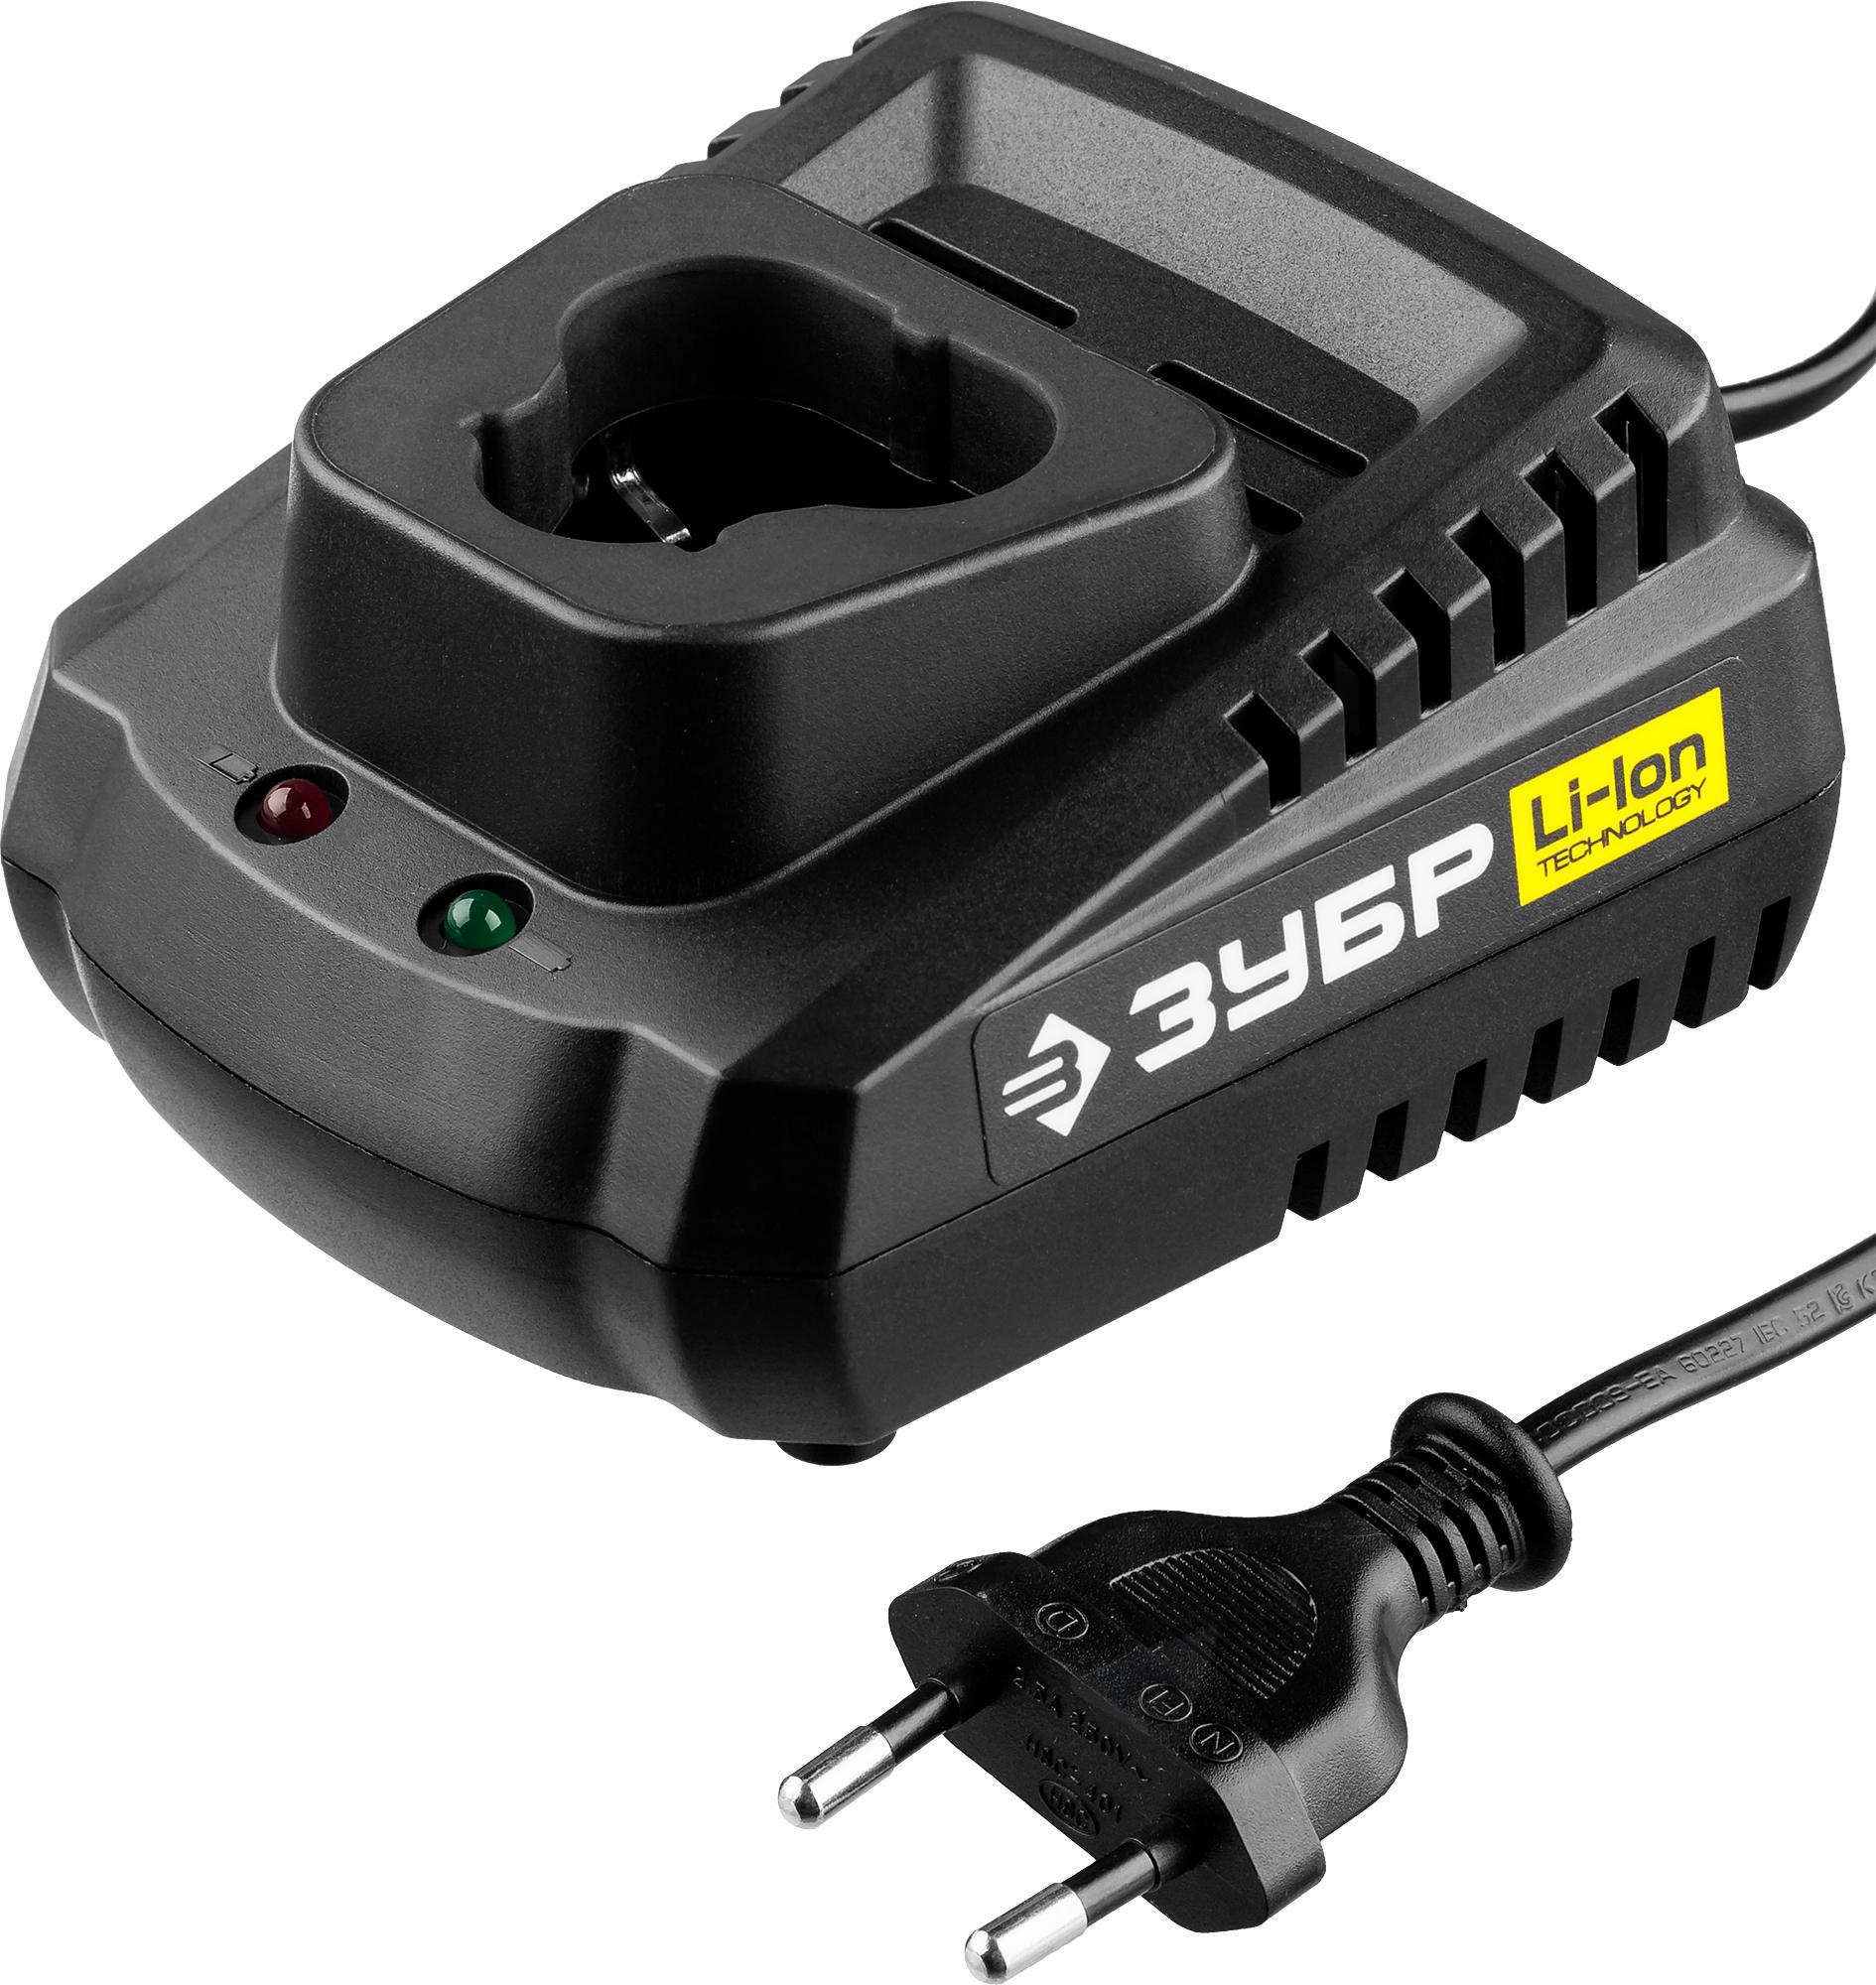 Фото - Зарядное устройство ЗУБР БЗУ-12 М3 зарядное устройство зубр 59253 4